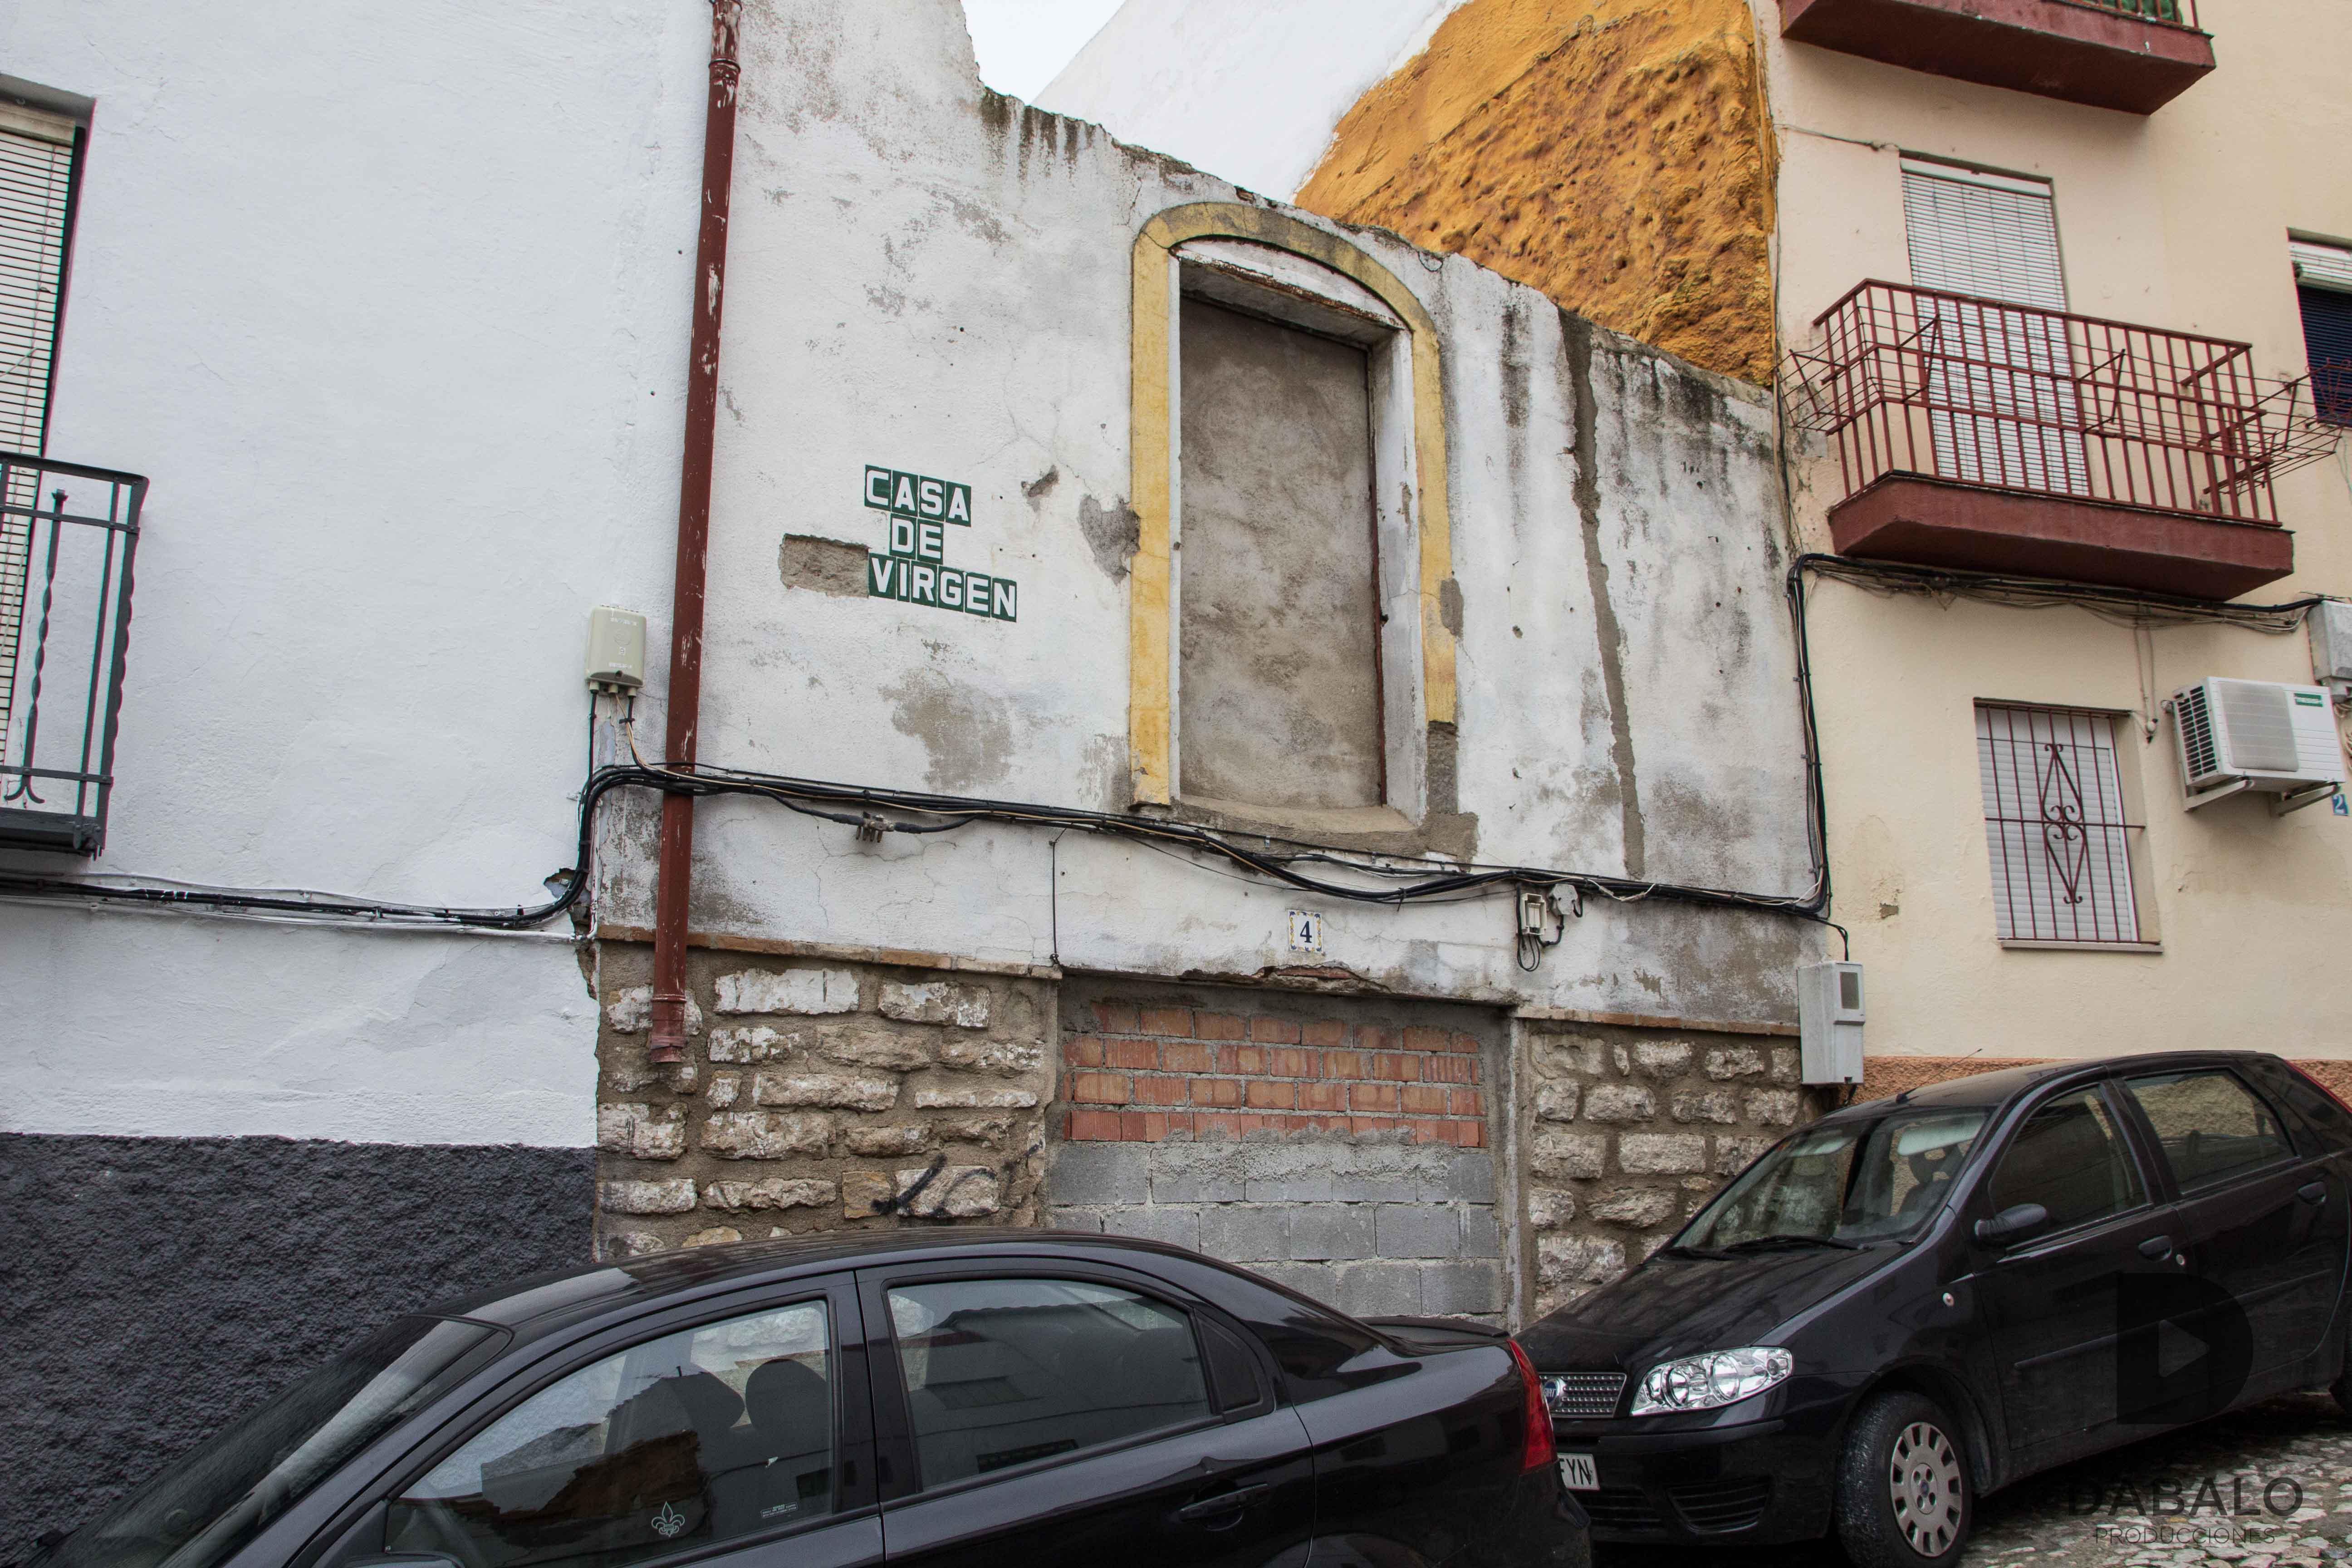 FOTO 12: Casa abandonada en las callejuelas de La Magdalena.